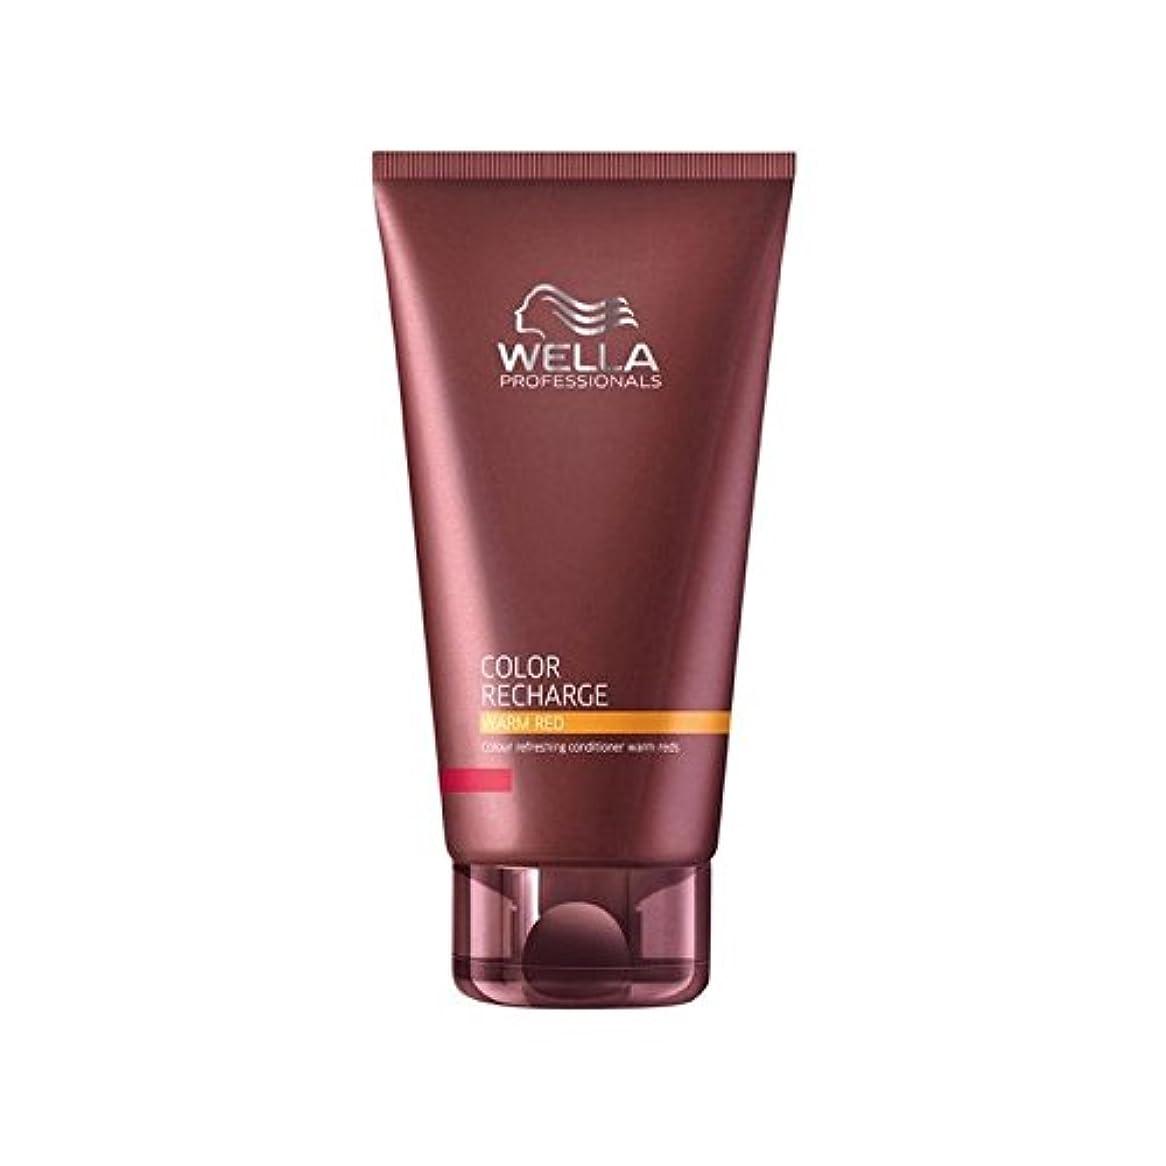 デンプシー施しナインへWella Professionals Color Recharge Conditioner Warm Red (200ml) - ウエラ専門家のカラー再充電コンディショナー暖かい赤(200ミリリットル) [並行輸入品]